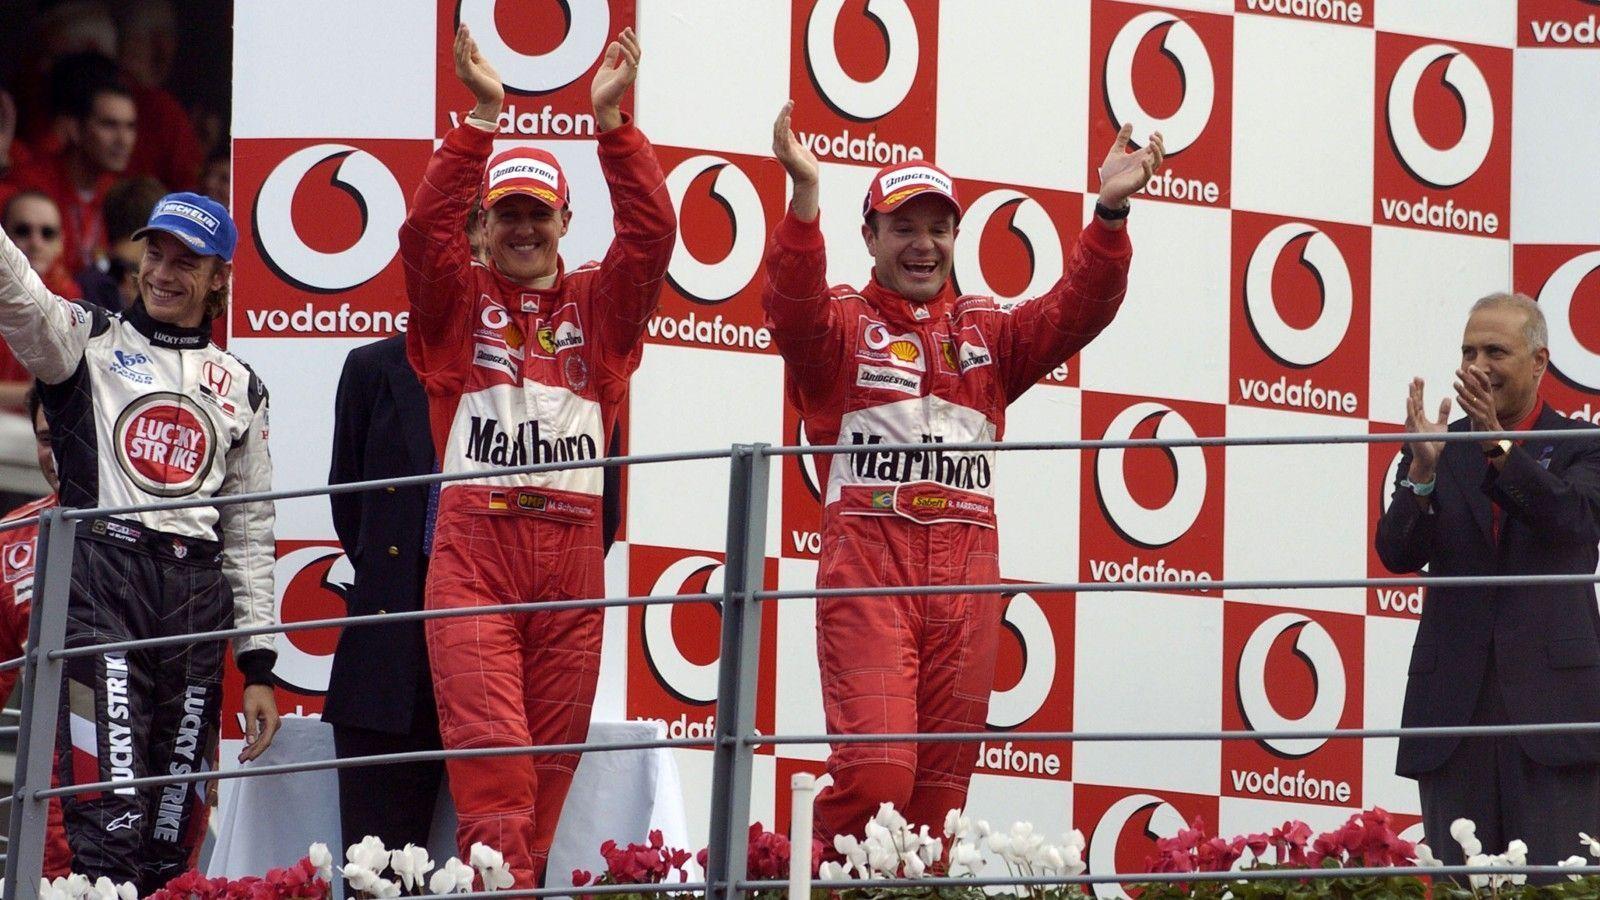 Rubens Barrichello, F1